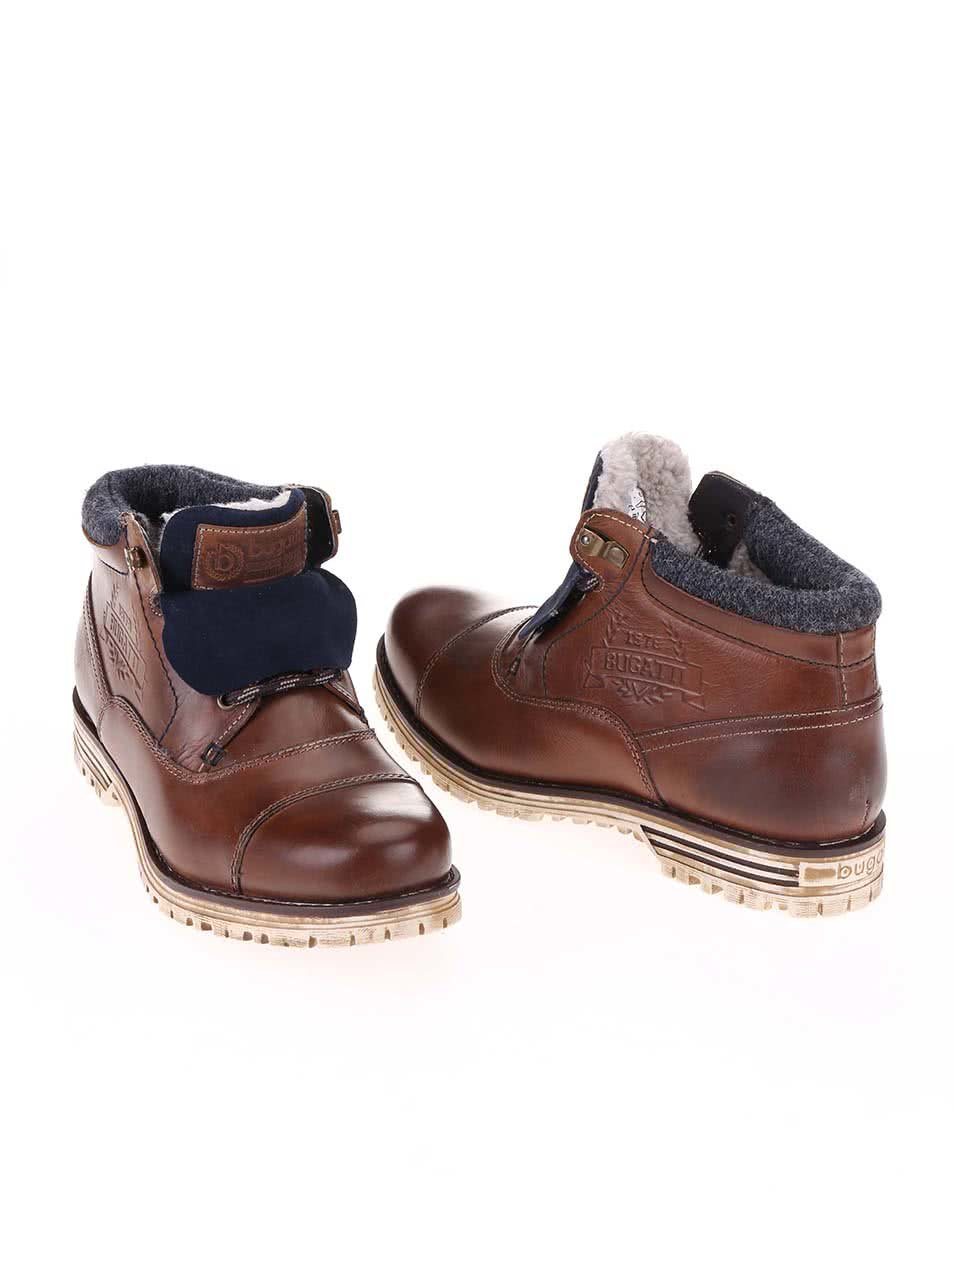 Hnědé pánské kožené kotníkové boty s umělou kožešinou bugatti Fox ... 08d6e4d17a